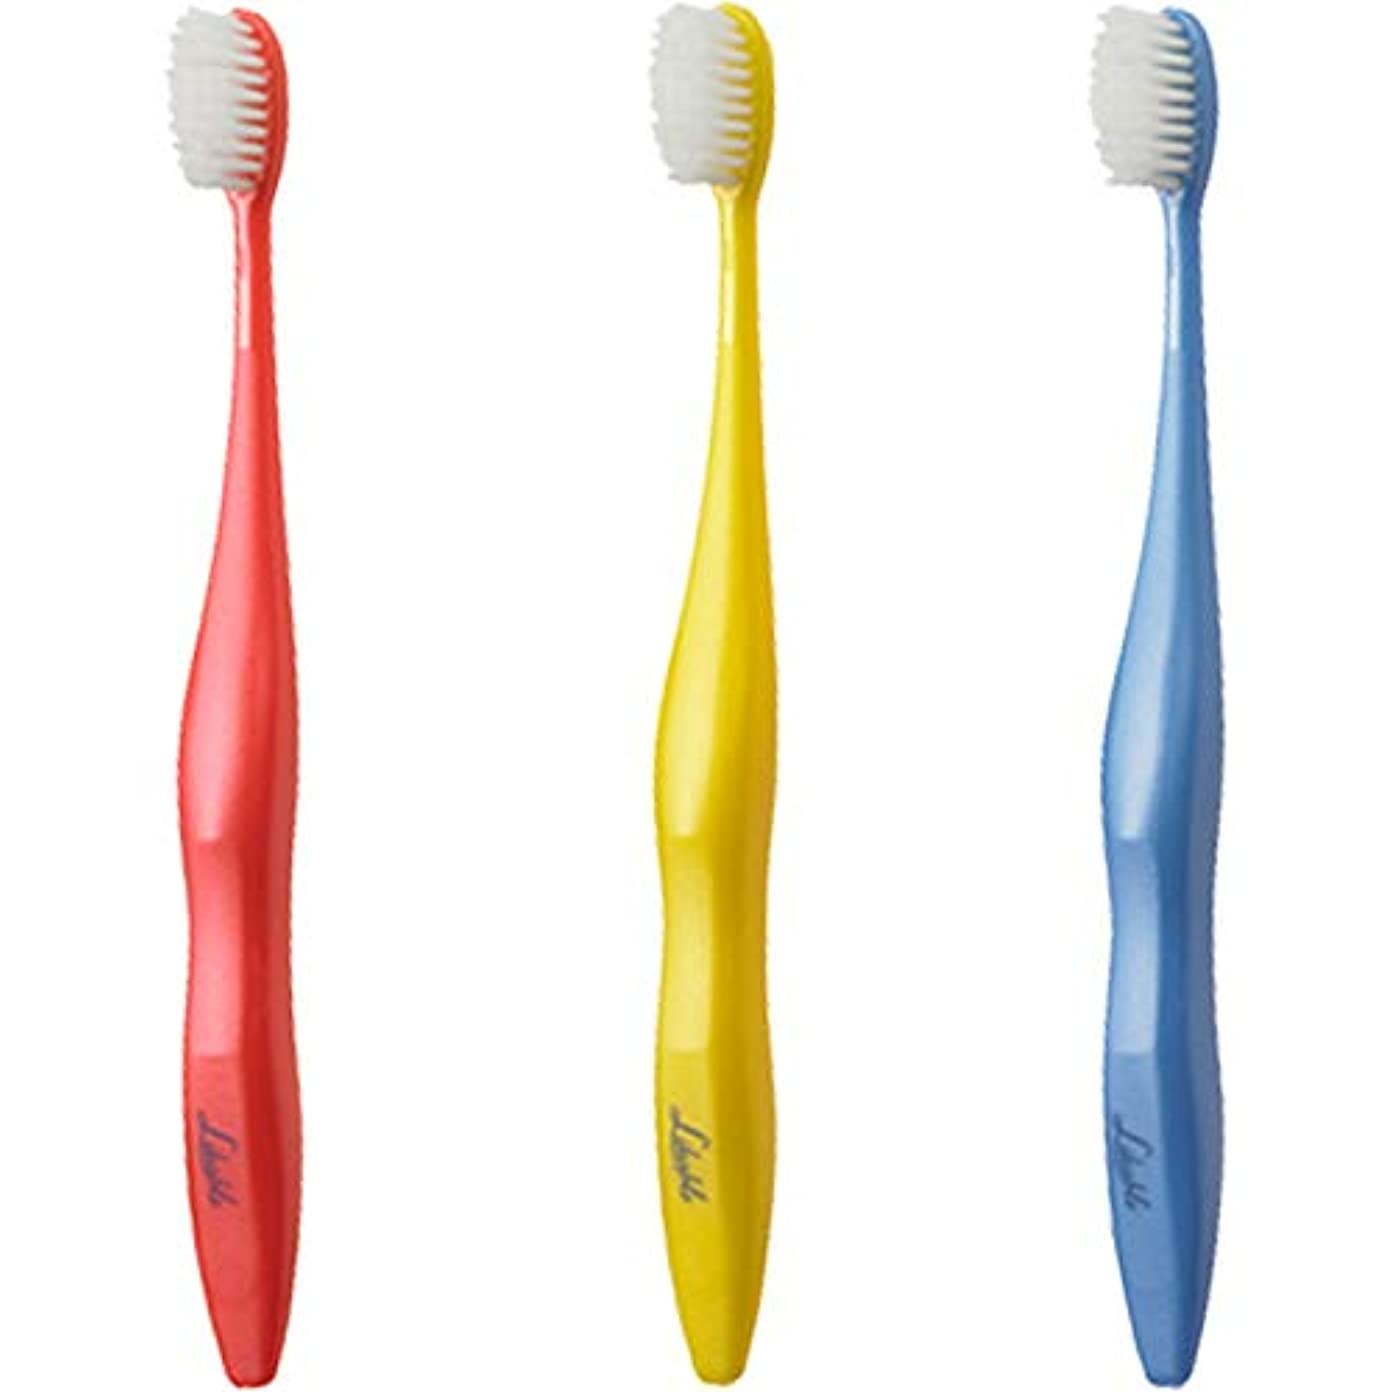 批評スキップ光日本製 歯ブラシ ライカブル 5本【ライカブル】